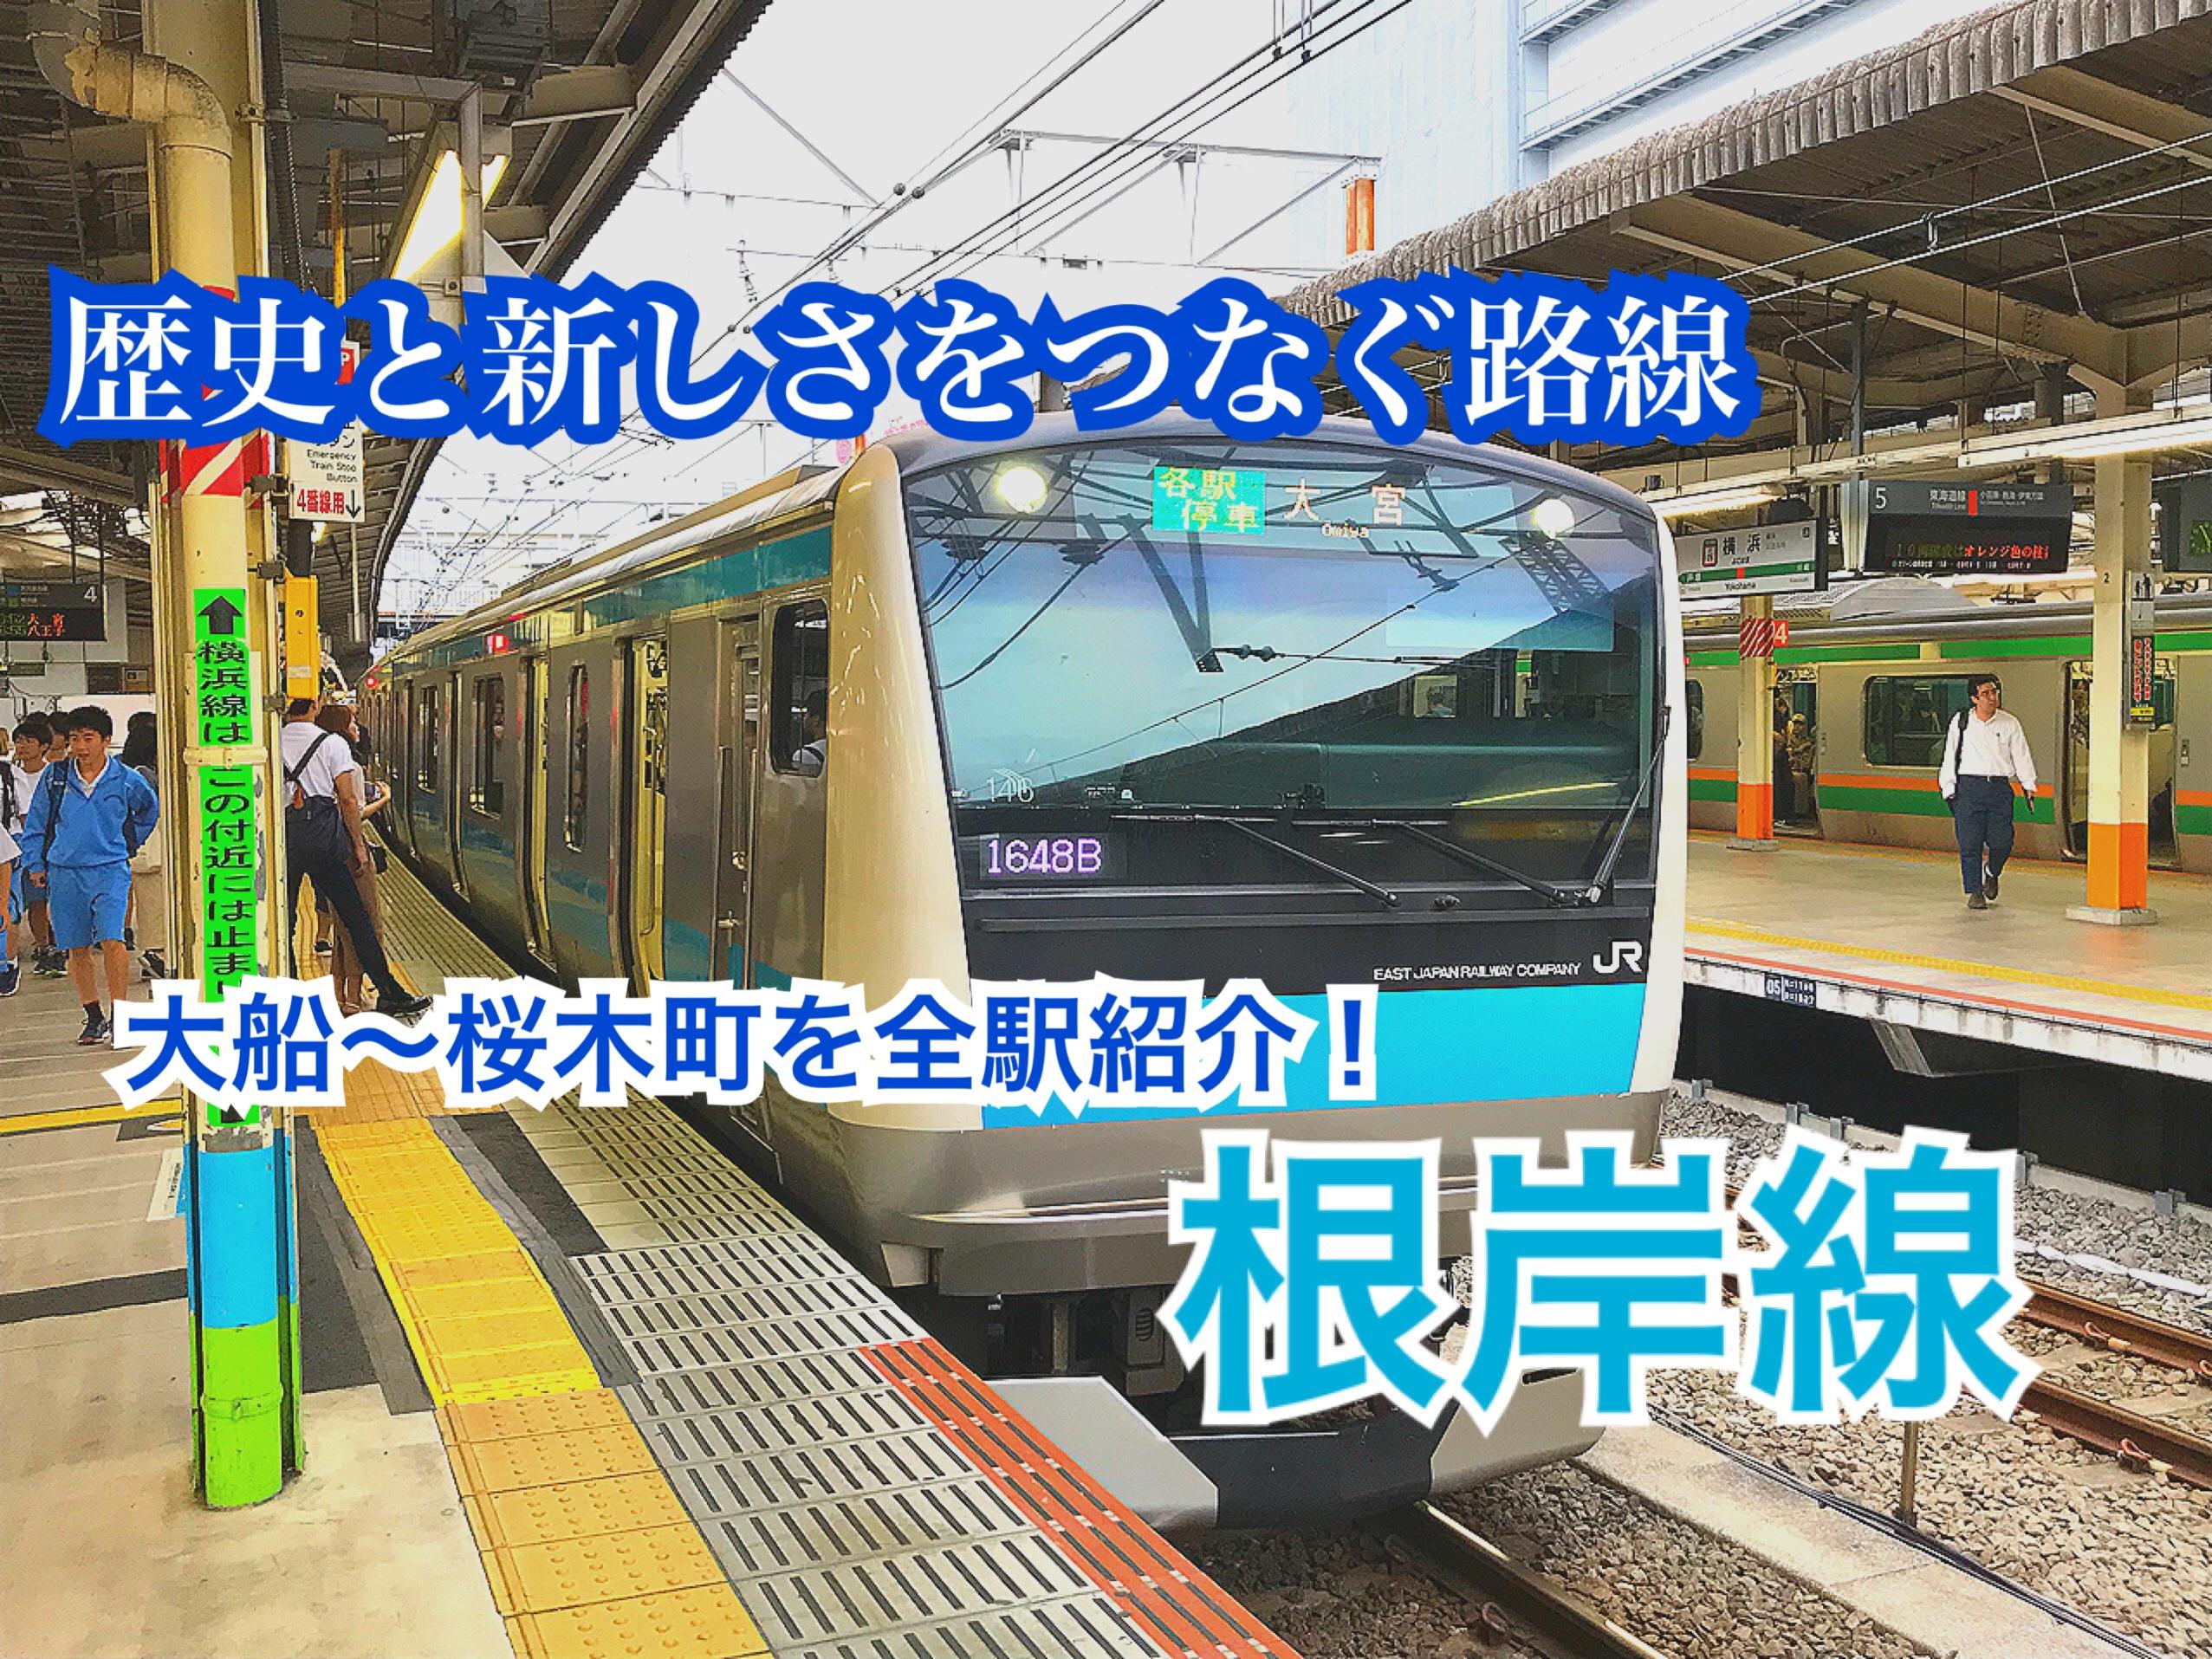 根岸線の駅を端から紹介!トンネルが多いのは〇〇だから!【神奈川東京201906】